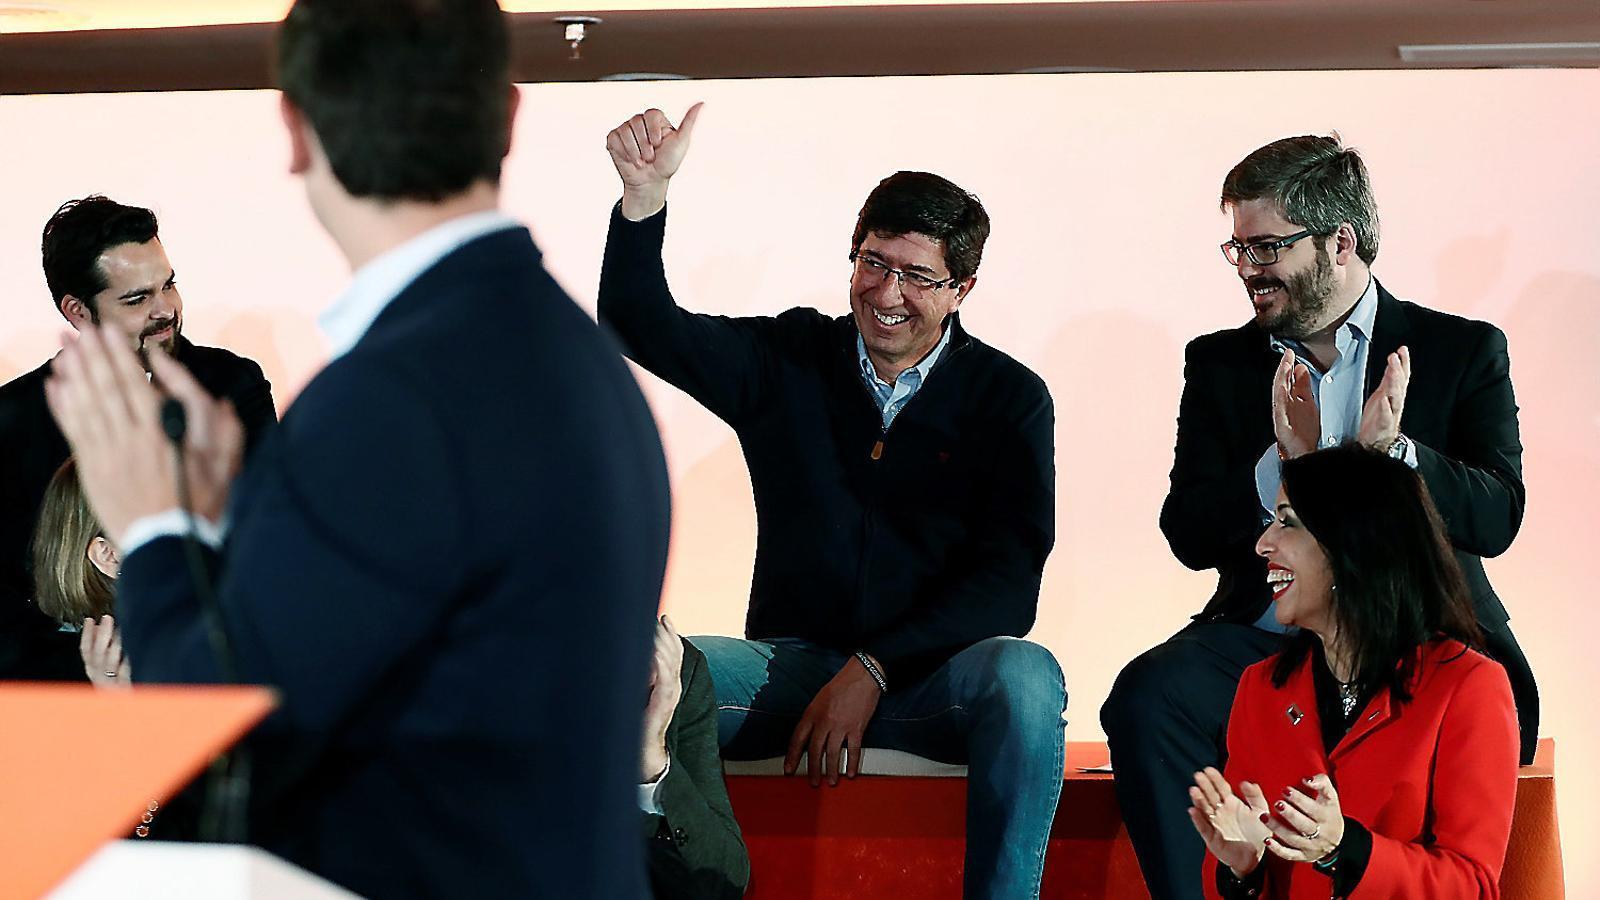 El líder de Cs, Albert Rivera (primer pla), aplaudint el cap de files de la formació a Andalusia, Juan Marín, divendres al consell general del partit taronja. / MARISCAL / EFE